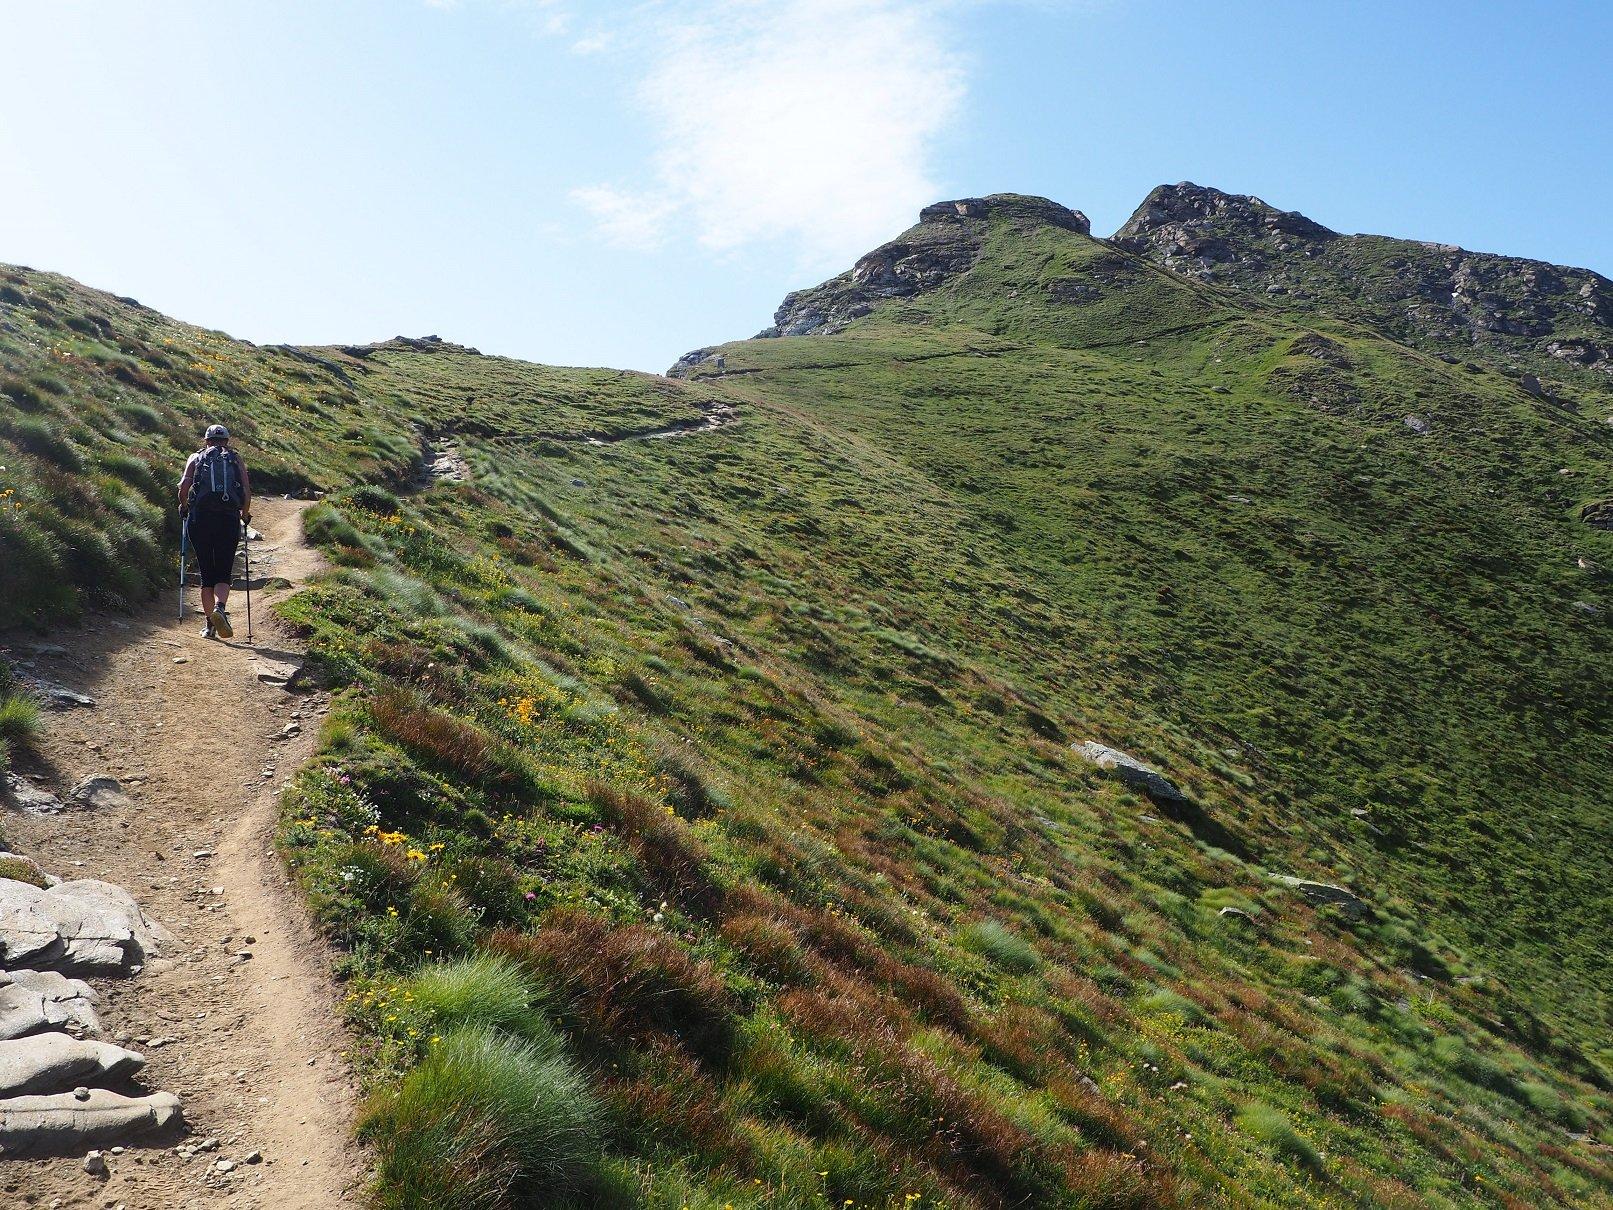 Sul sentiero poco dopo il Col Portola.